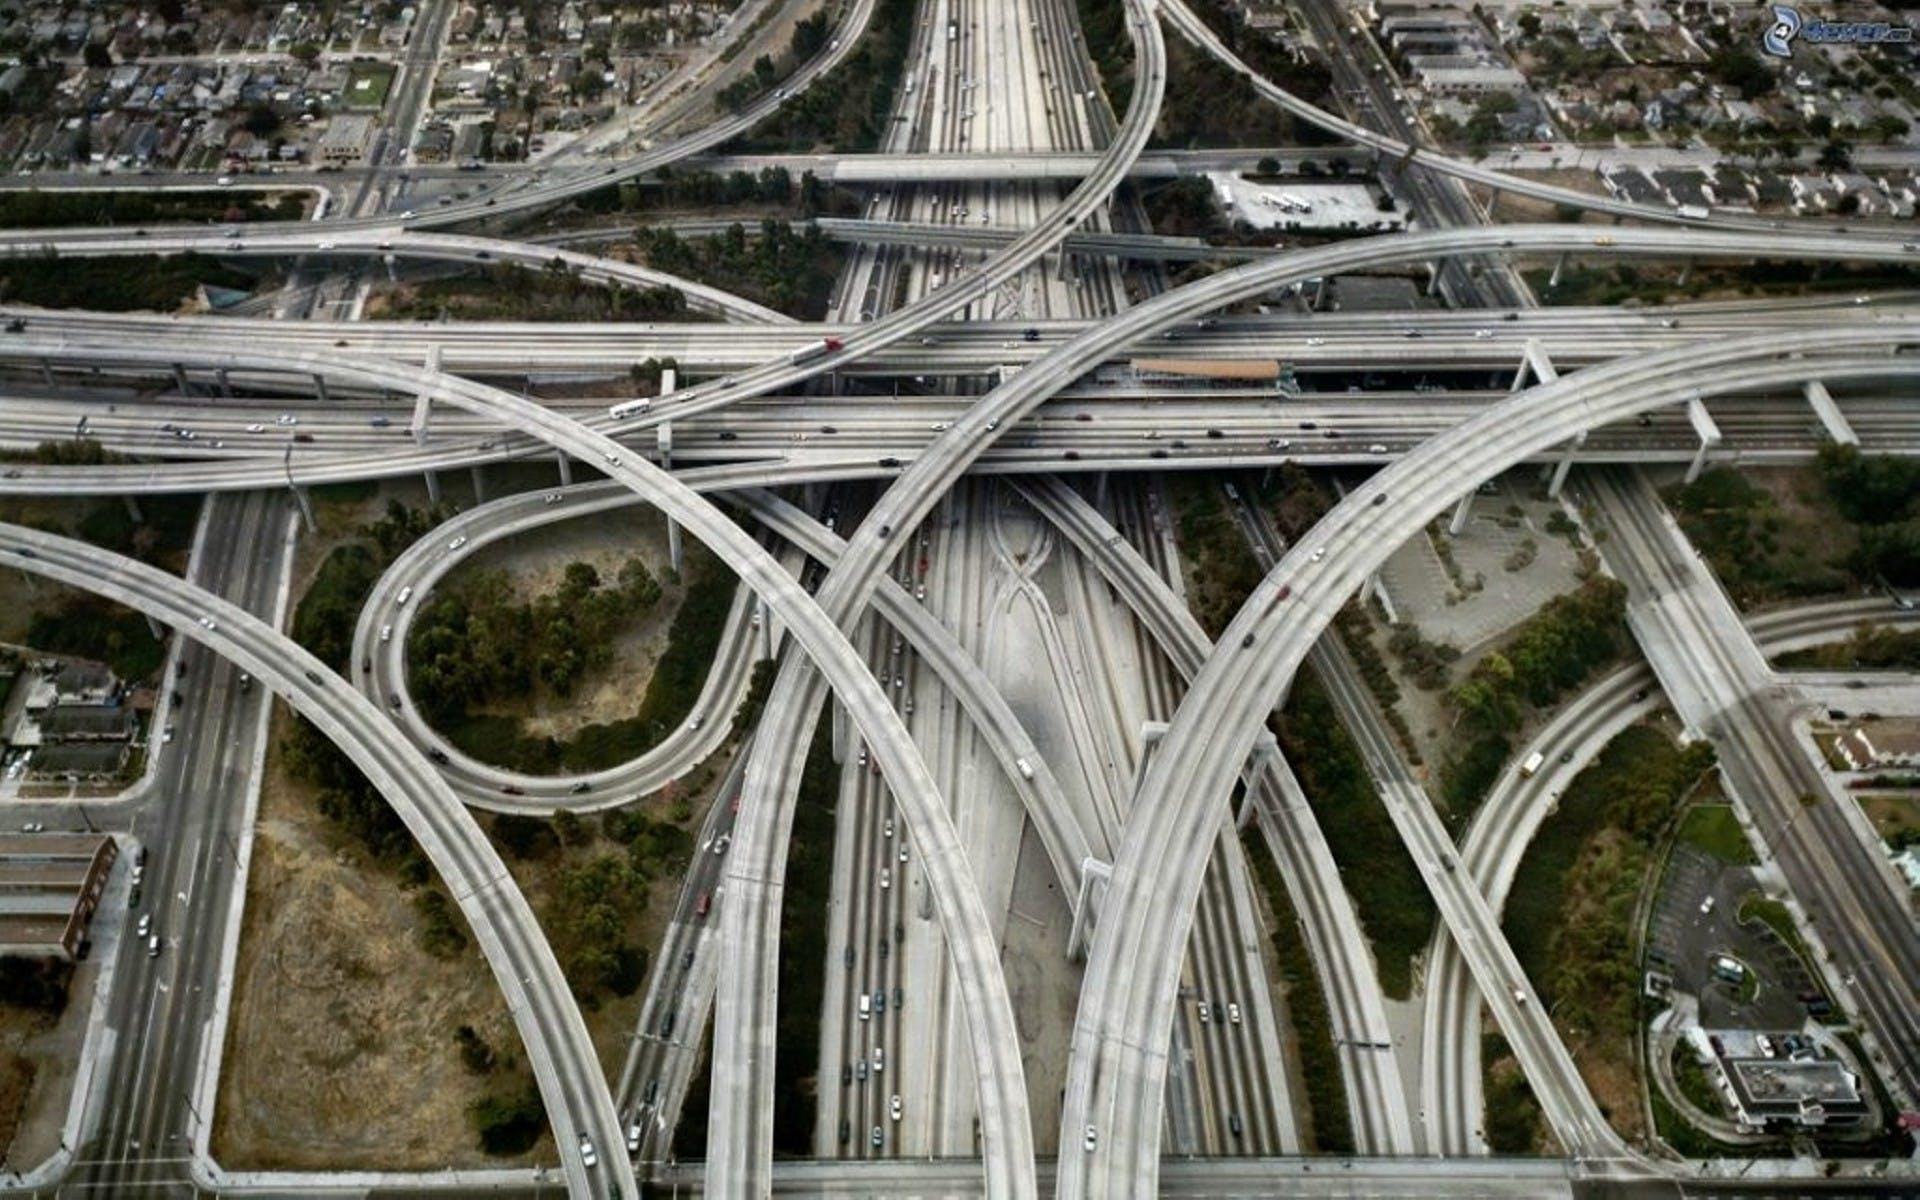 pedaggio autostrade auto elettriche